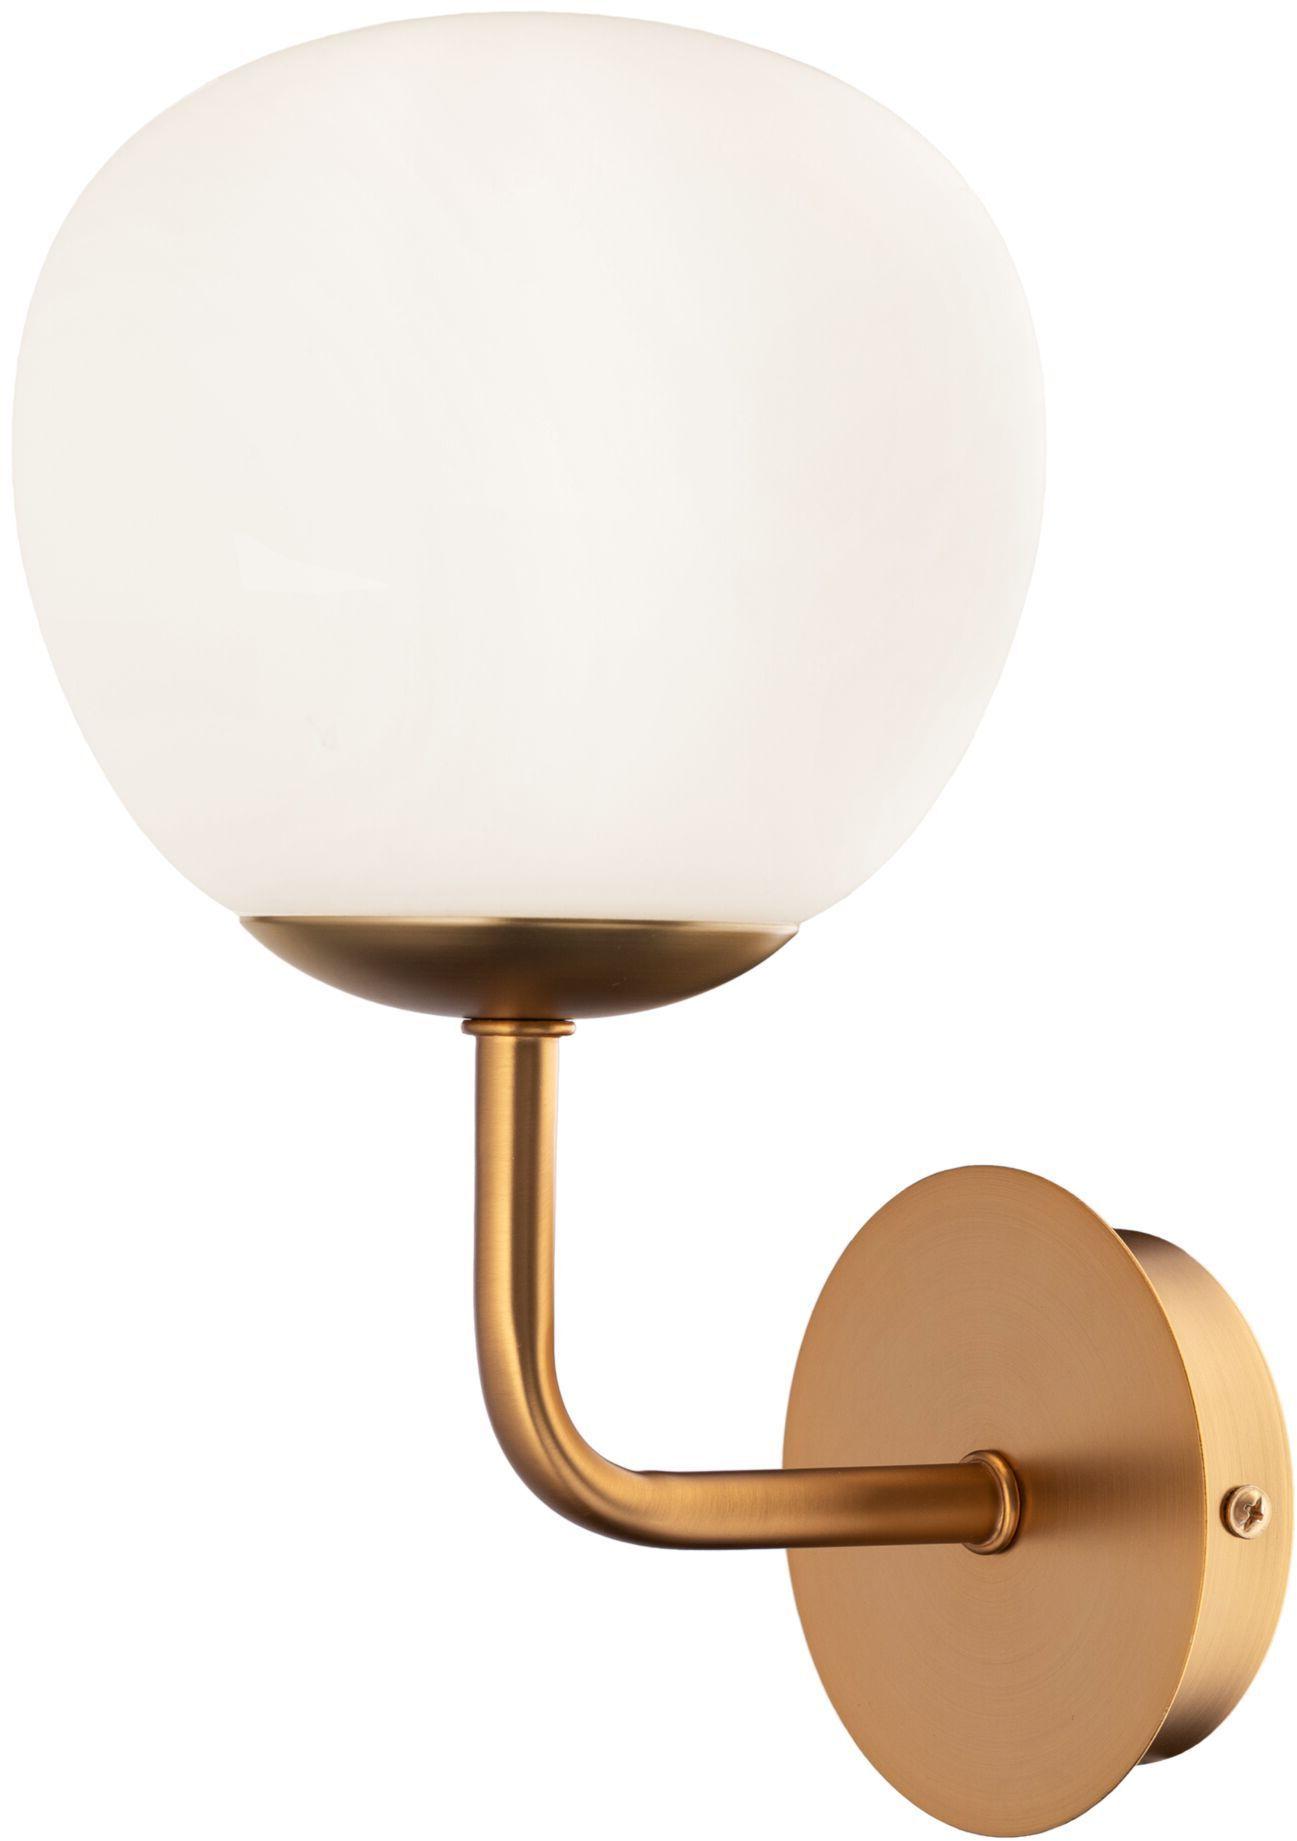 Maytoni Erich MOD221-WL-01-G kinkiet lampa ścienna metalowa rama mosiądz klosz matowe szkło 1xE14 40W 15 cm